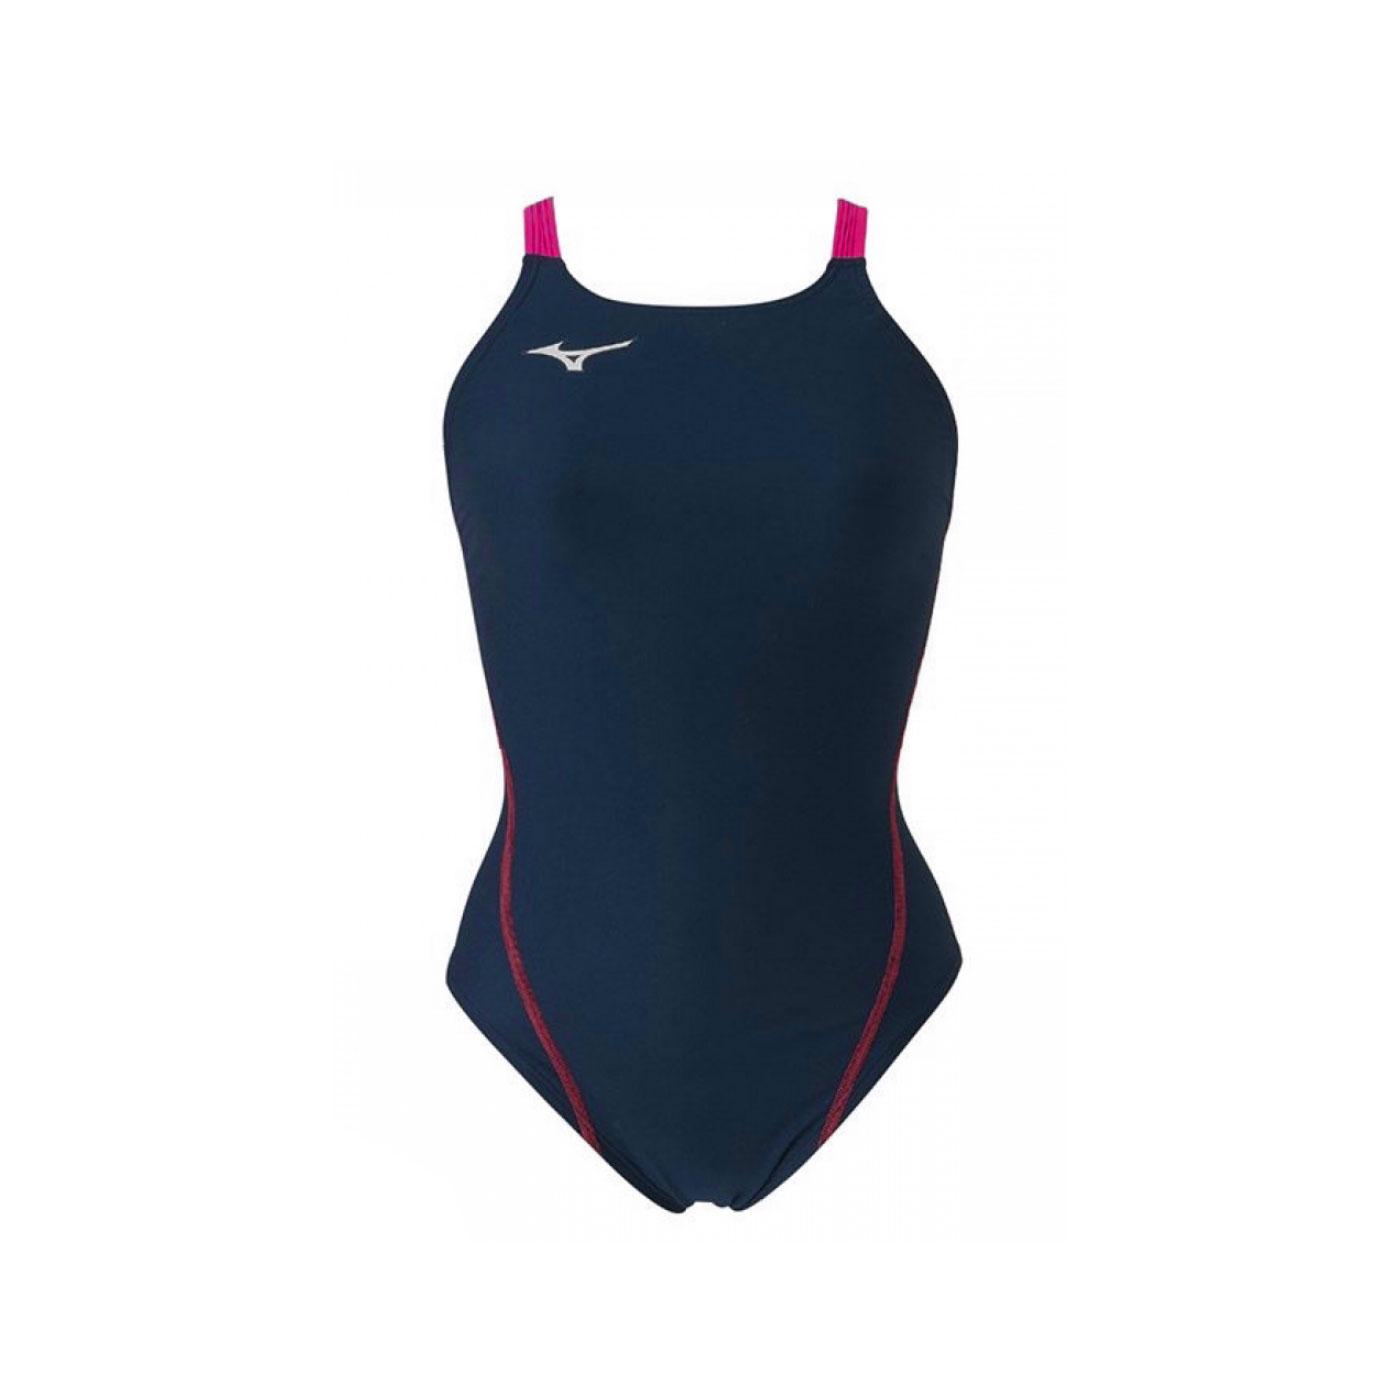 MIZUNO 女款連身泳衣  SWIMN2MA826187 - 丈青桃紅銀